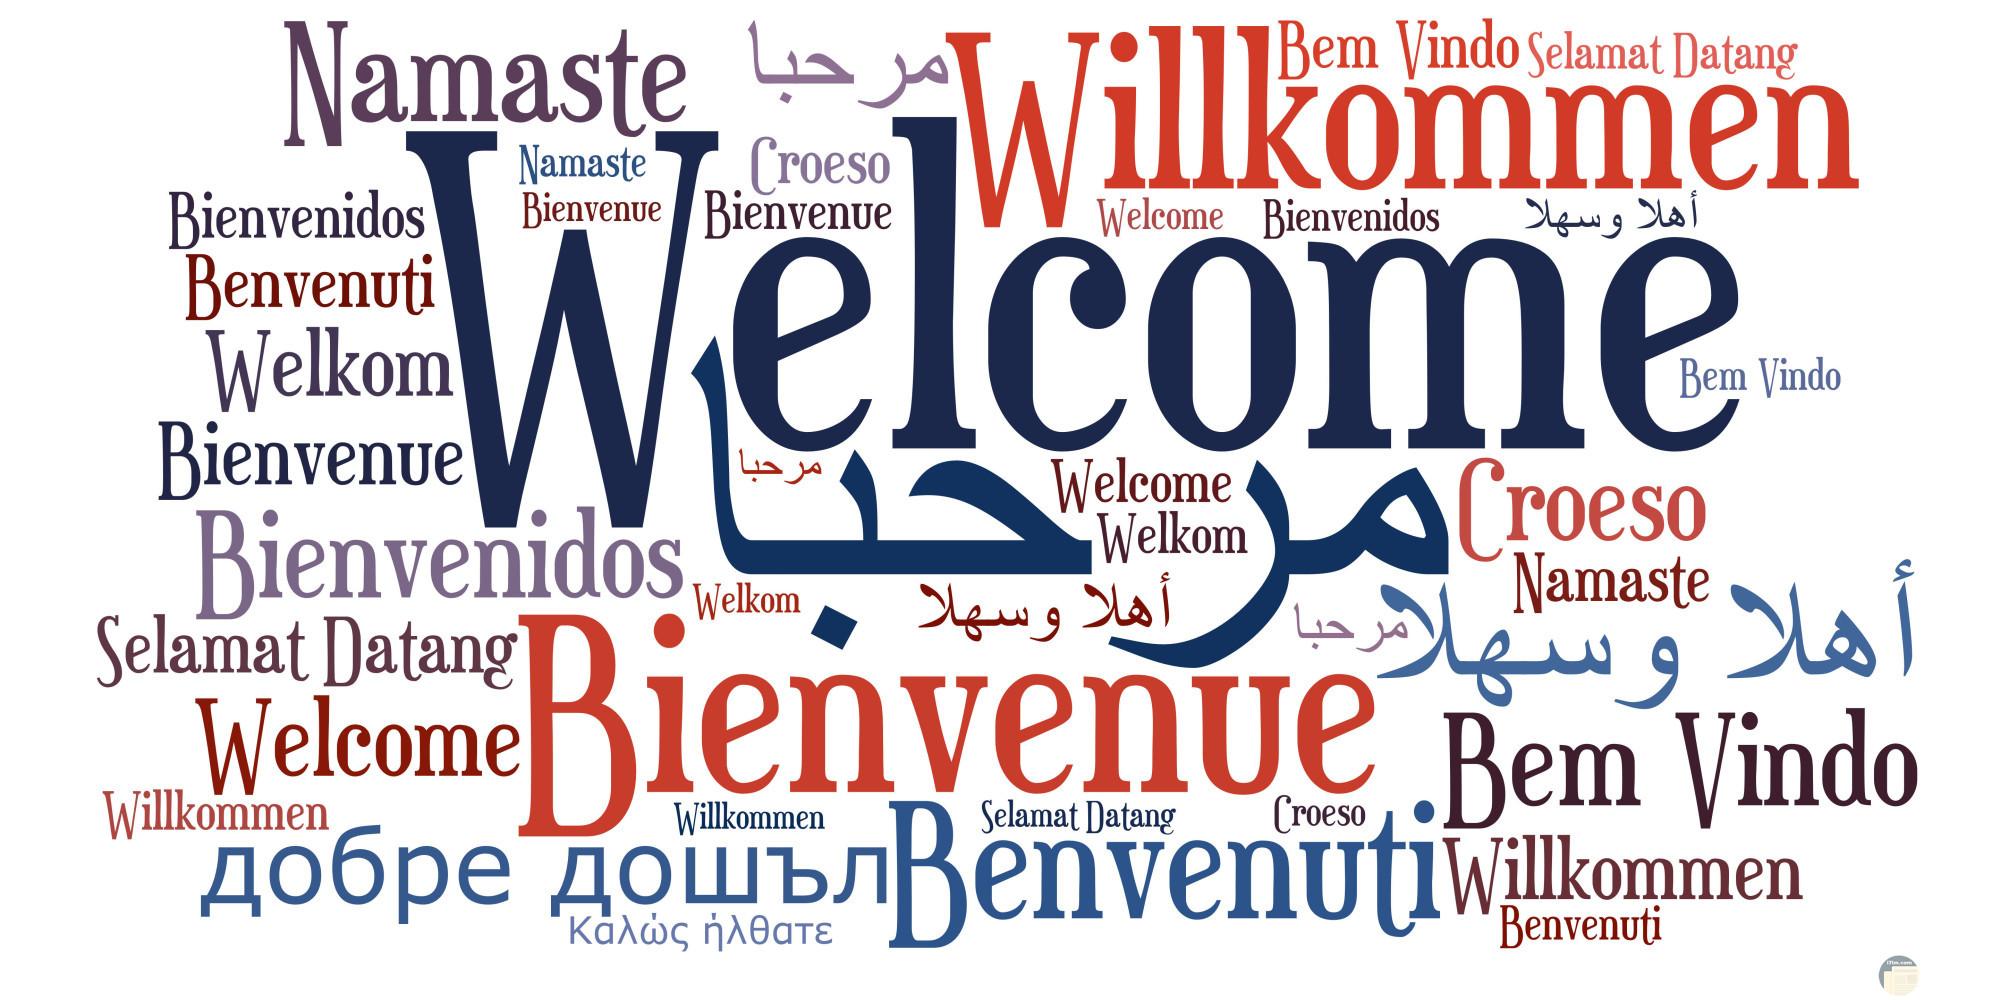 صورة مدون بها عبارات ترحيبيه بجميع اللغات